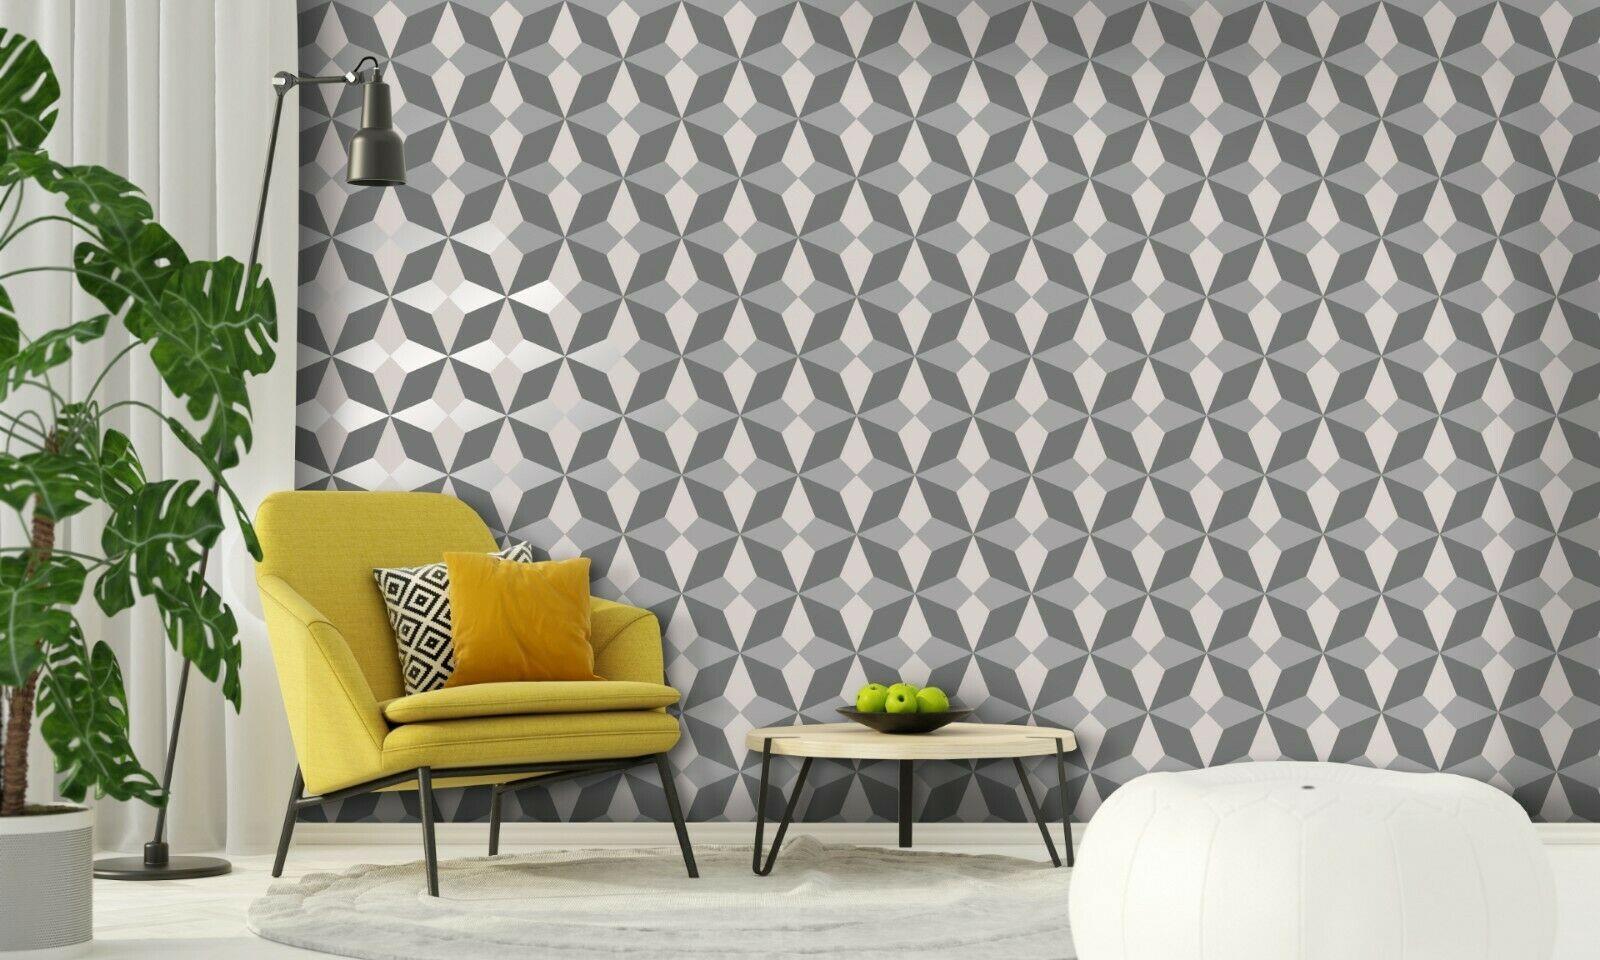 Geometric-Wallpaper-Metallic-Smooth-Textured-Apex-Triangles-Trellis-Diamonds thumbnail 49